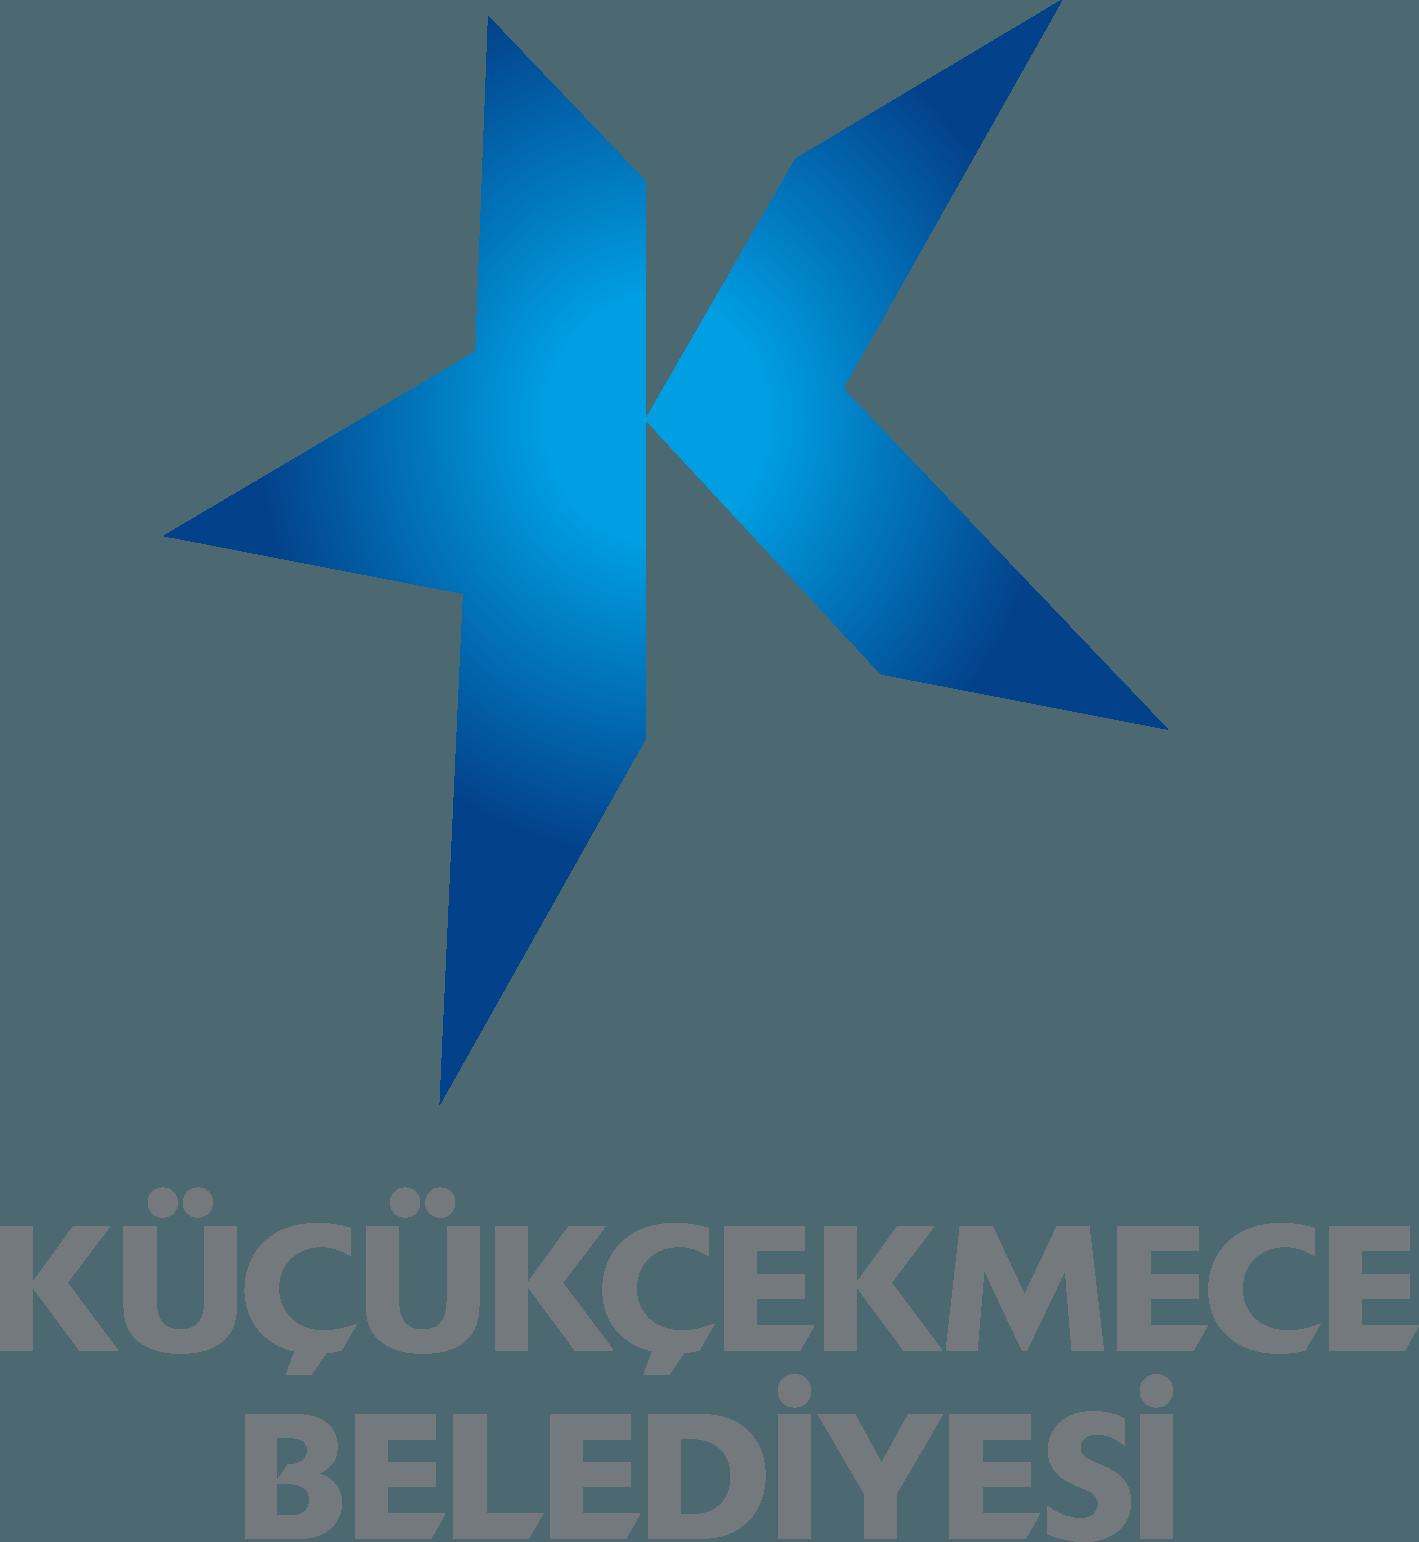 Küçükçekmece Belediyesi (İstanbul) Logo [kucukcekmece.bel.tr] png